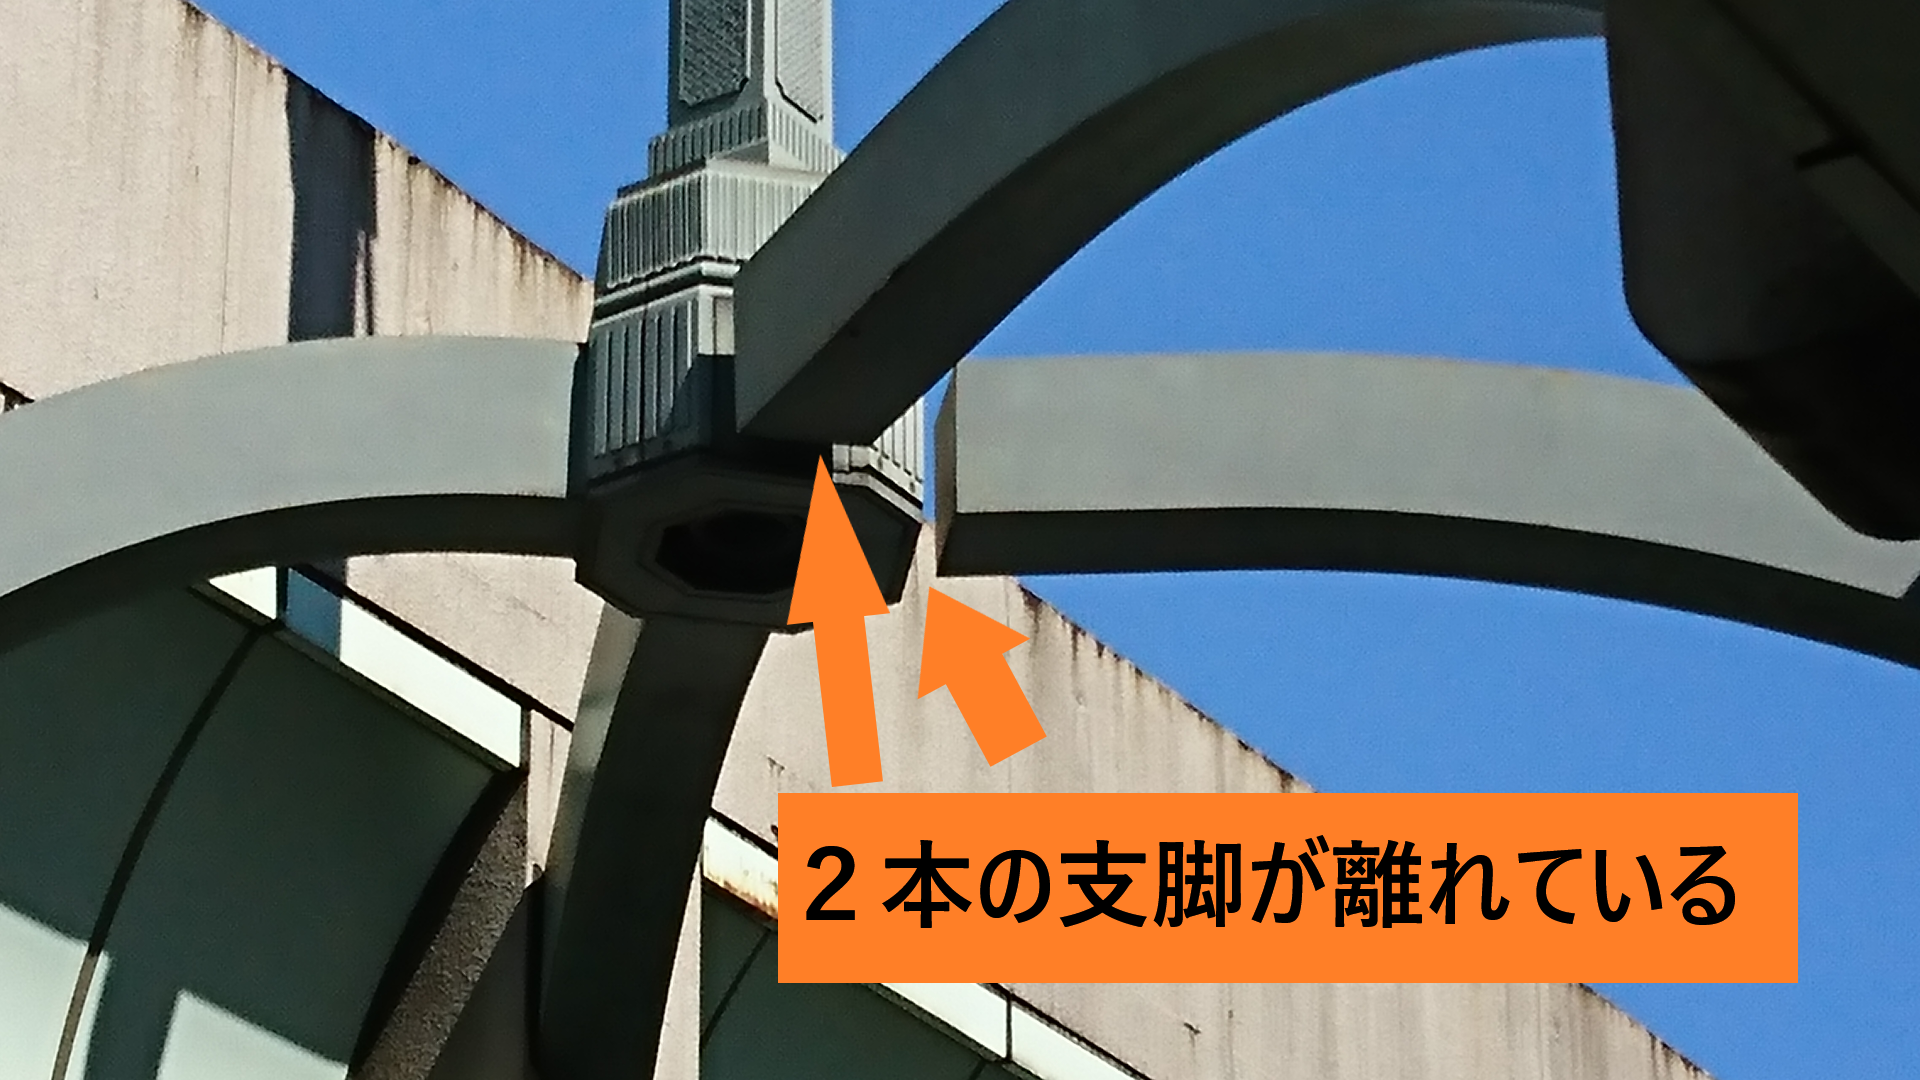 首都高速 道路元標2 2本の支脚が離れている 橋梁としての日本橋1